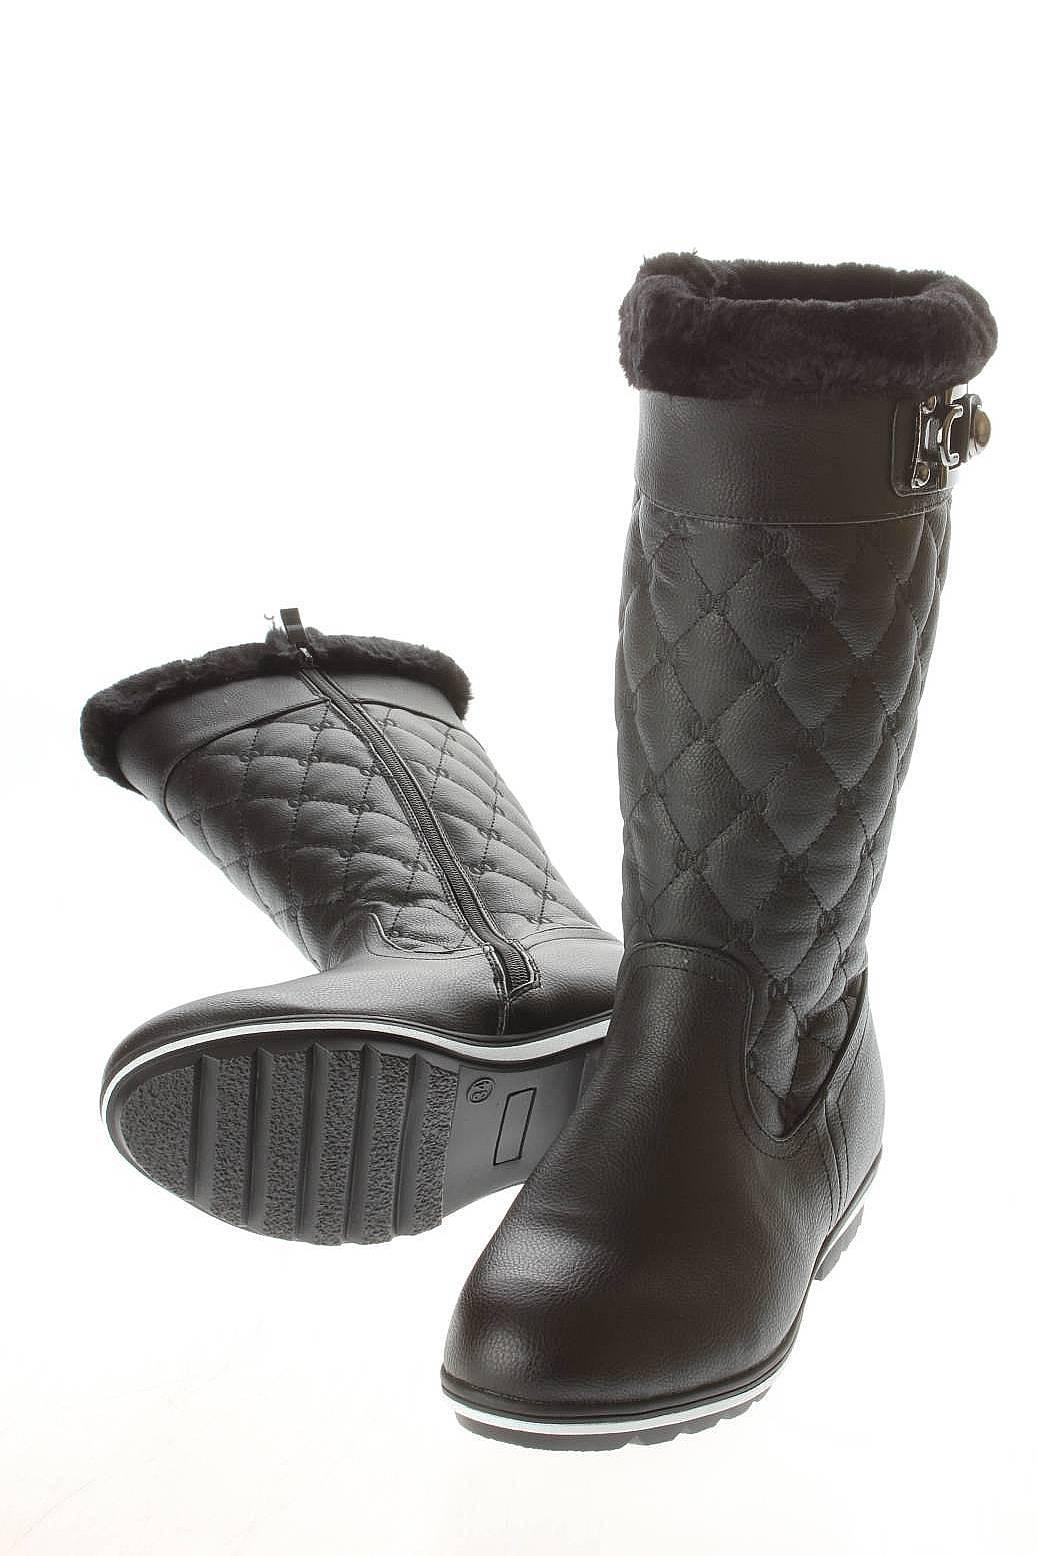 Мужская Обувь Детская Обувь Сапоги: Dummi Обувь